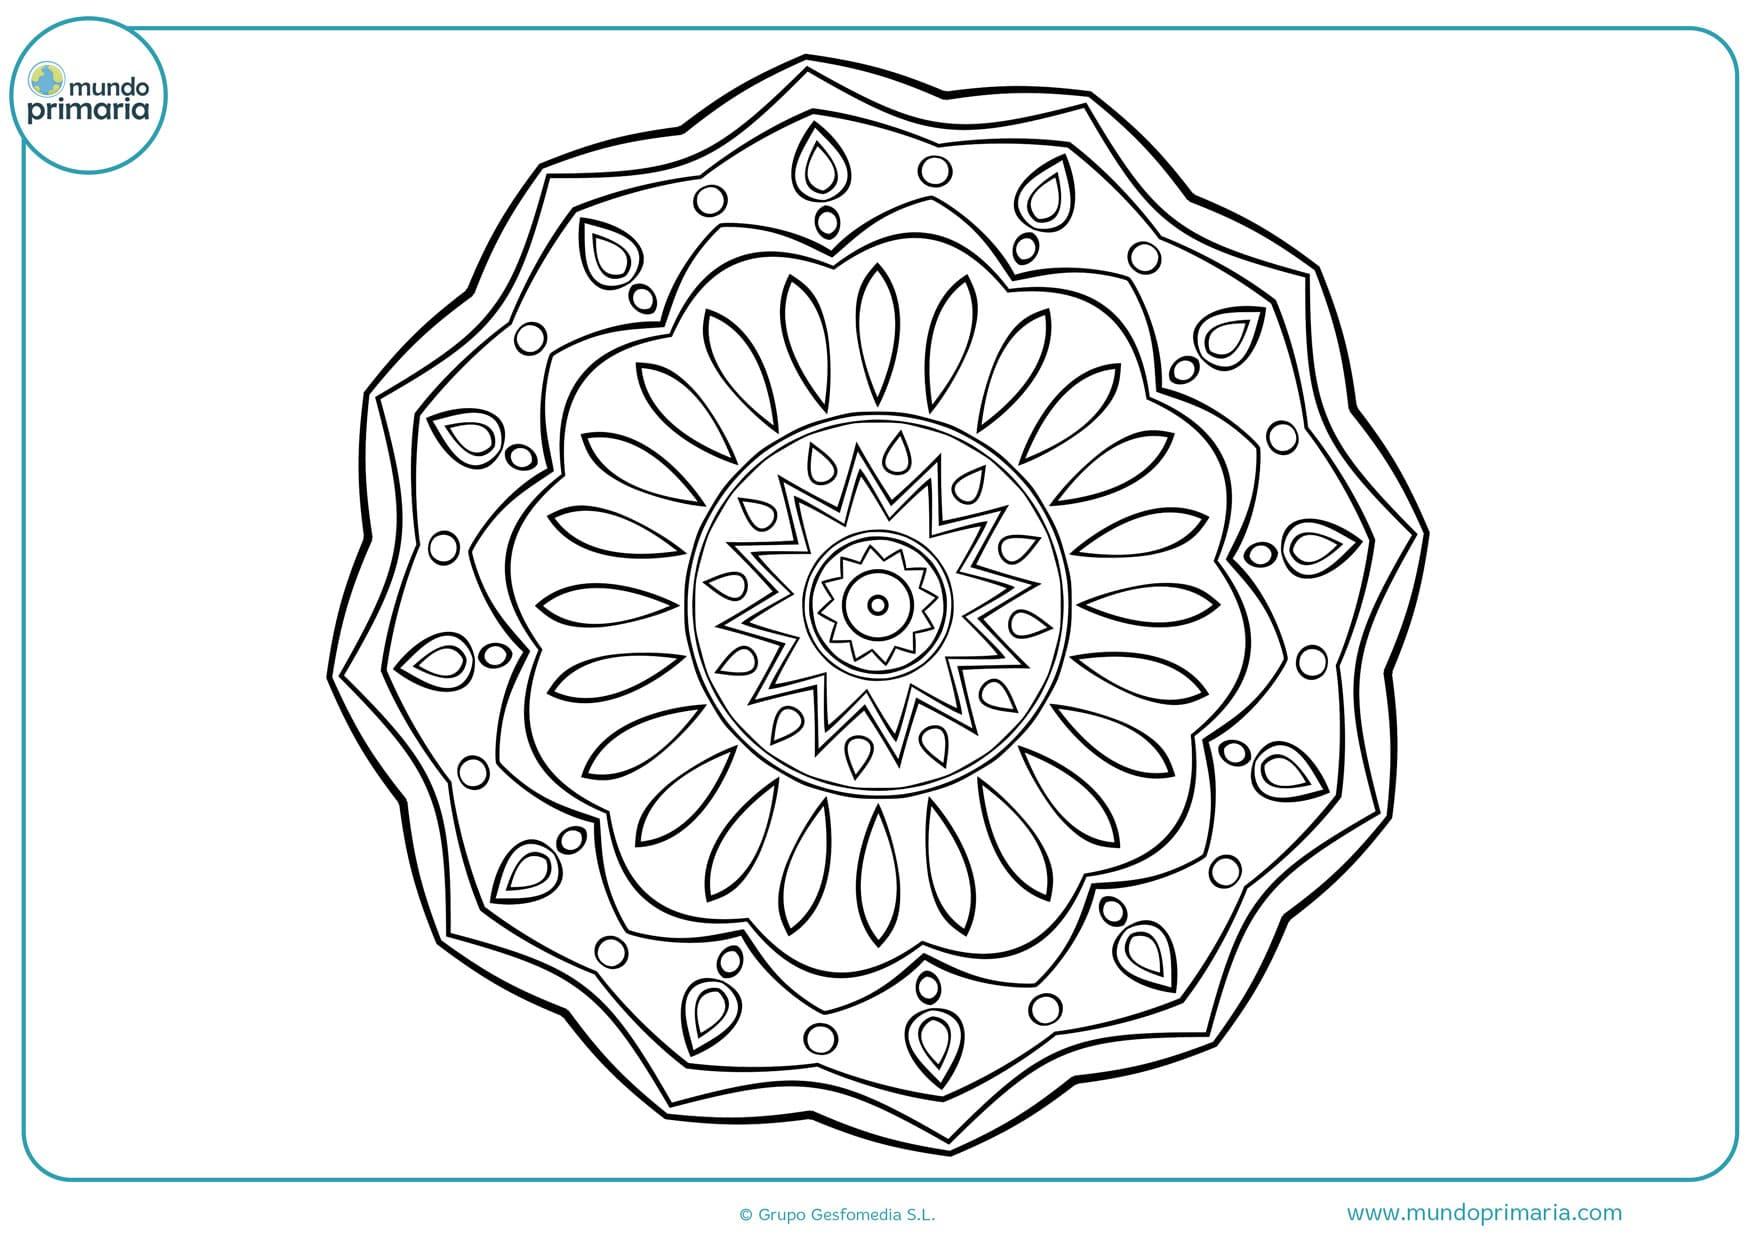 Mandalas De Dragones Para Colorear Descargar Imprimir Y: Más De 100 Dibujos Para Niños Para Descargar, Imprimir Y